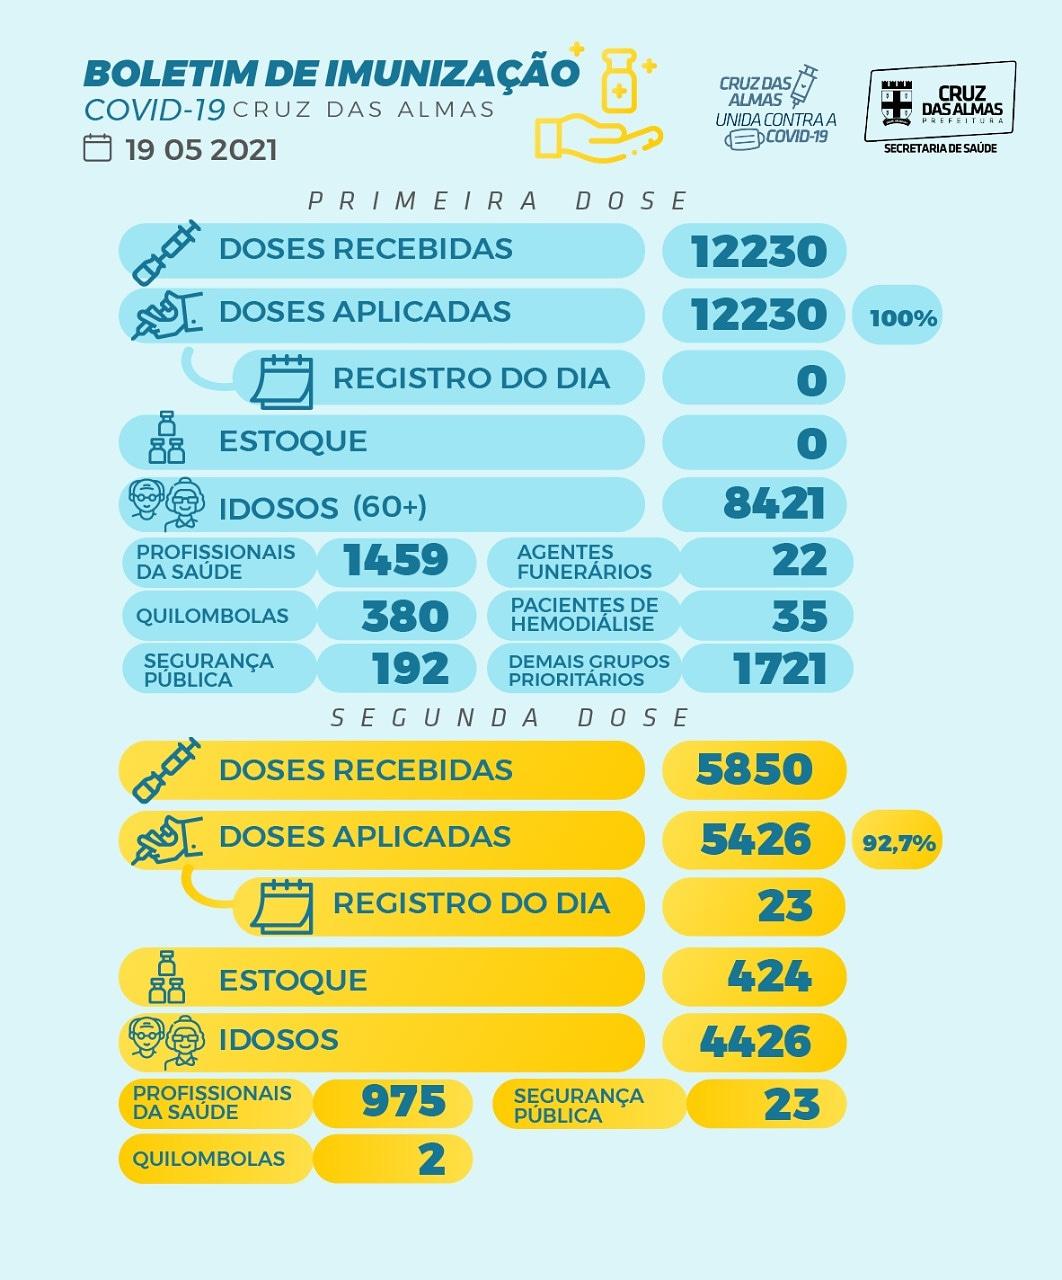 BOLETIM DE IMUNIZAÇÃO 19/05/2021